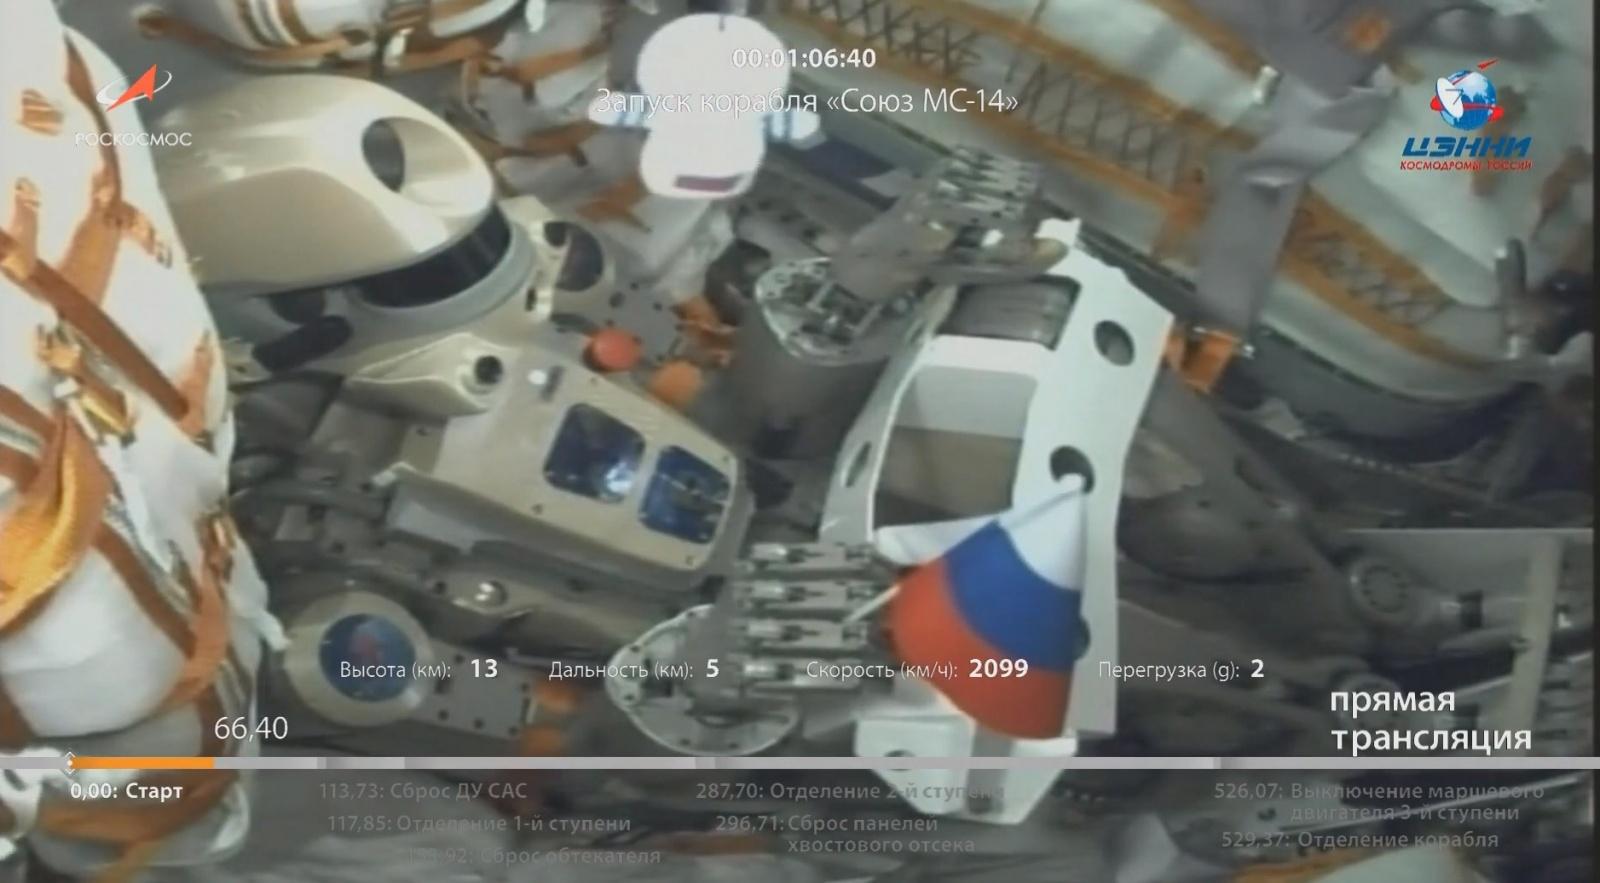 Успешно запущен на орбиту корабль «Союз МС-14» с роботом FEDOR (Skybot F-850) - 6